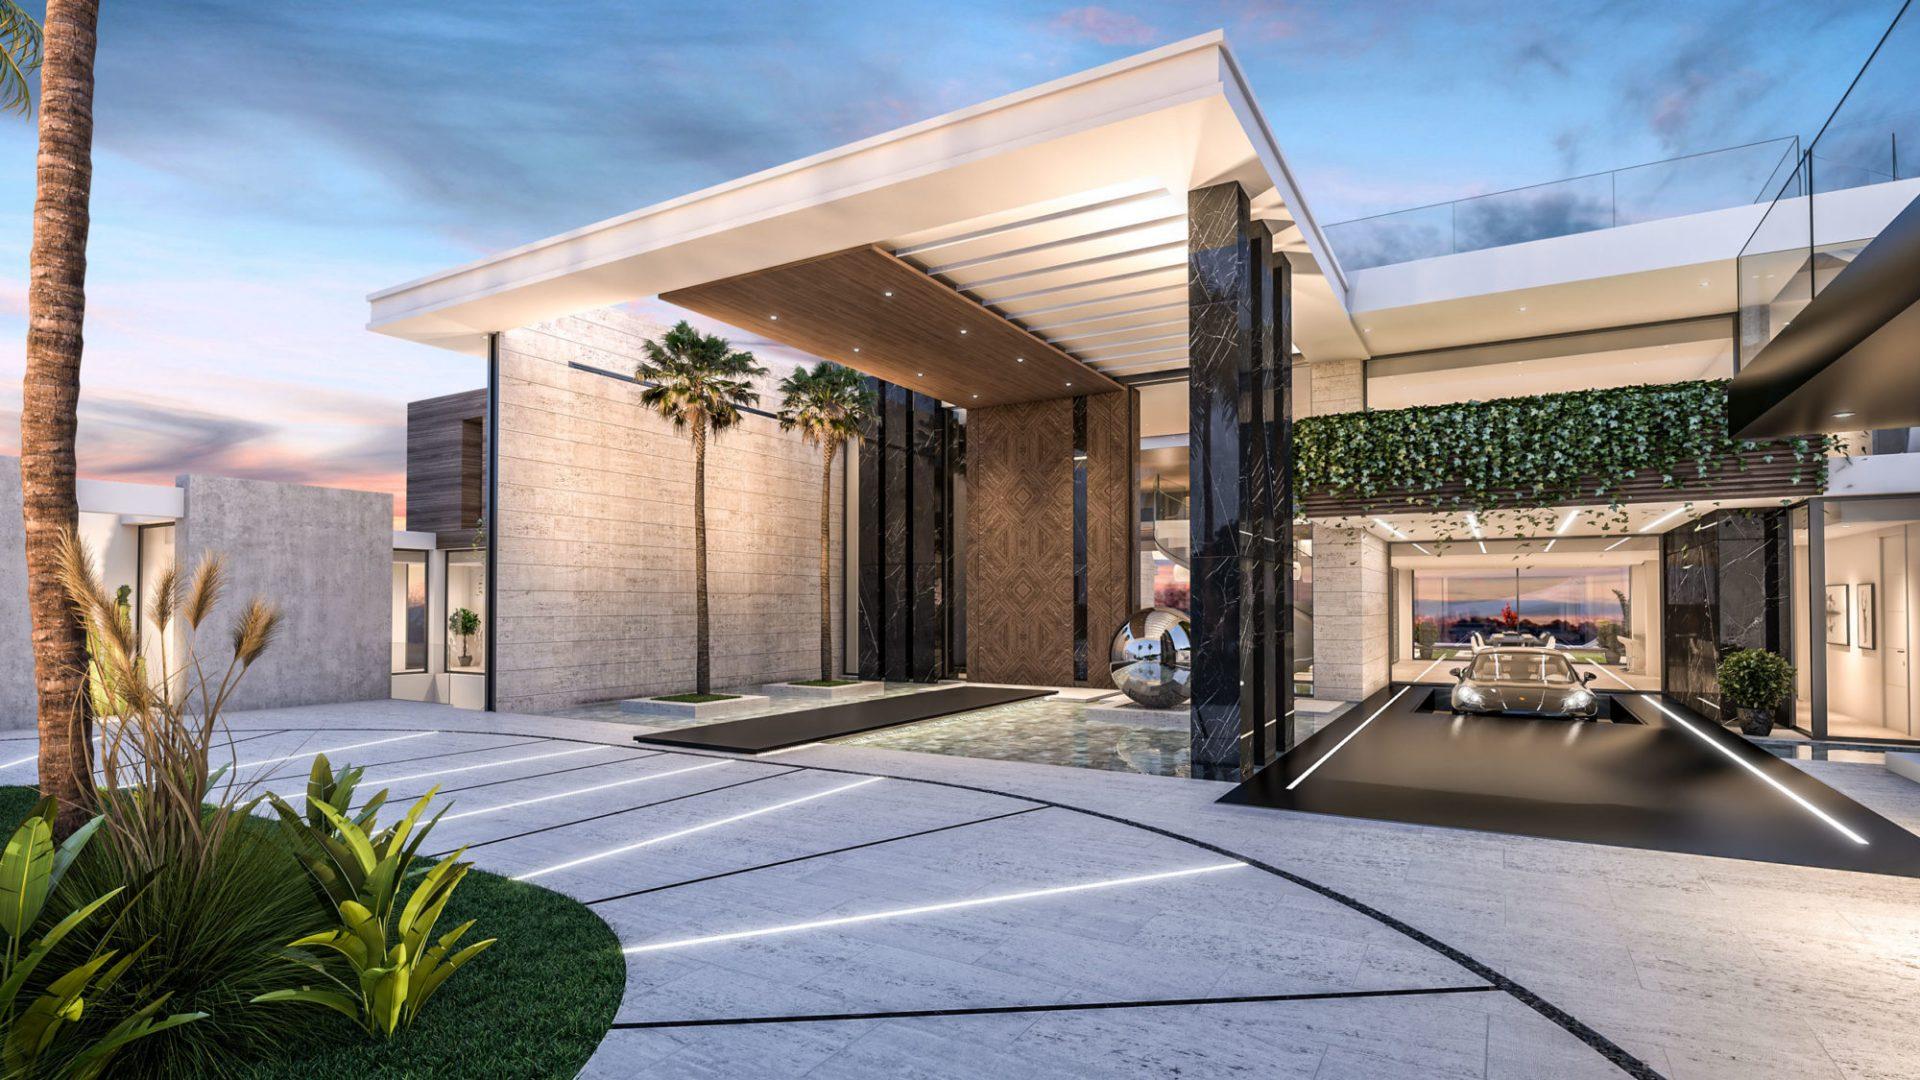 new-architecture-design-luxuryvilla-zagaleta-marbella-03-2000x1125